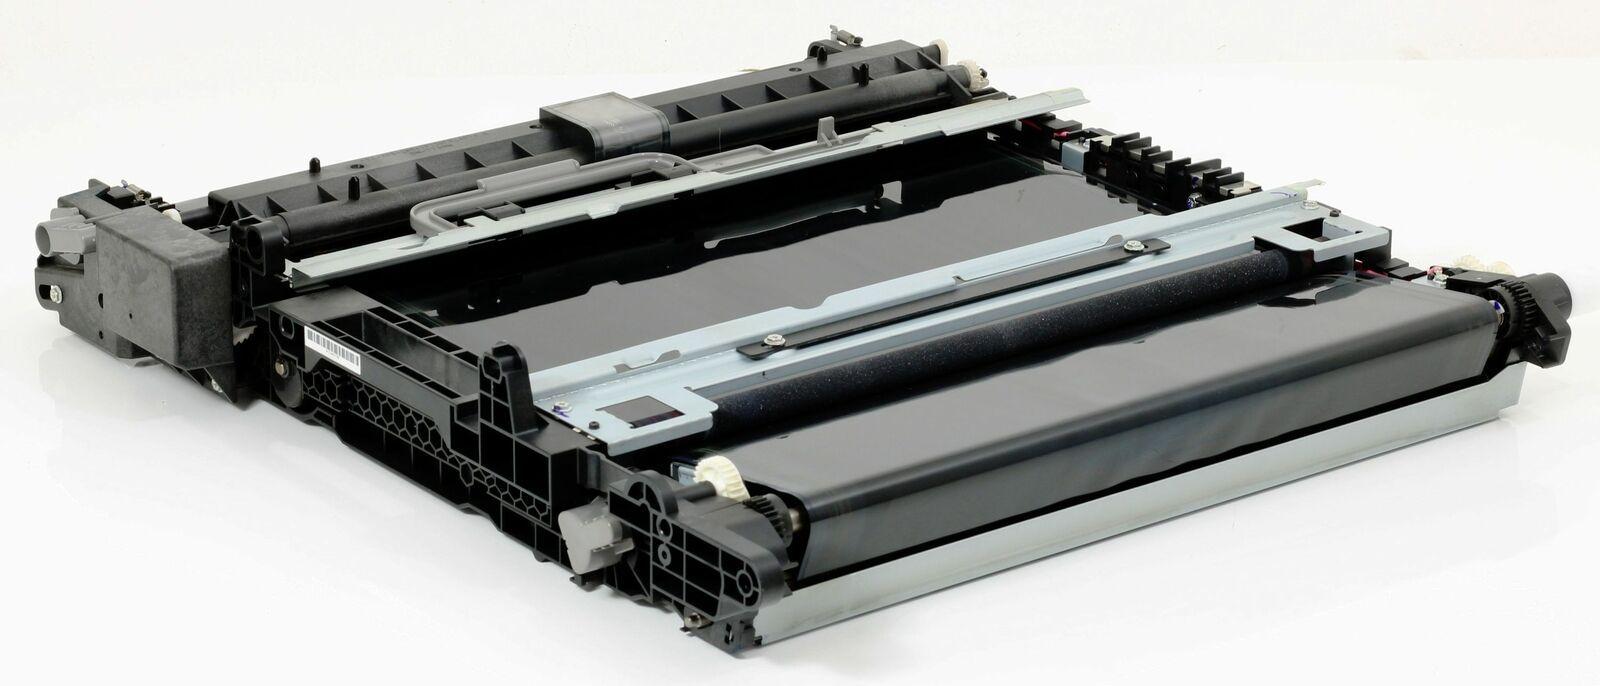 Angebotspaket: Ja | Beschreibung des Paketinhalts: Transferband | Modifizierter Artikel: Nein | Herstellergarantie: Sonstiges: Siehe Artikelbeschreibung | Marke: Ricoh | Herstellernummer: D1776006 | Modell: D1776006 | Gewicht: 13,0 | Kompatibilität: Kompatibilität | Kompatibilität 1: Aficio MP C2003 Series MP C2503 Series | Kompatibilität 2: Lanier MP C2003 Series MP C2503 Series | Kompatibilität 3: Sanvin MP C2003 Series MP C2503 Series | Produkt: Transfer Belt | Verpackung: in neutraler Verpac